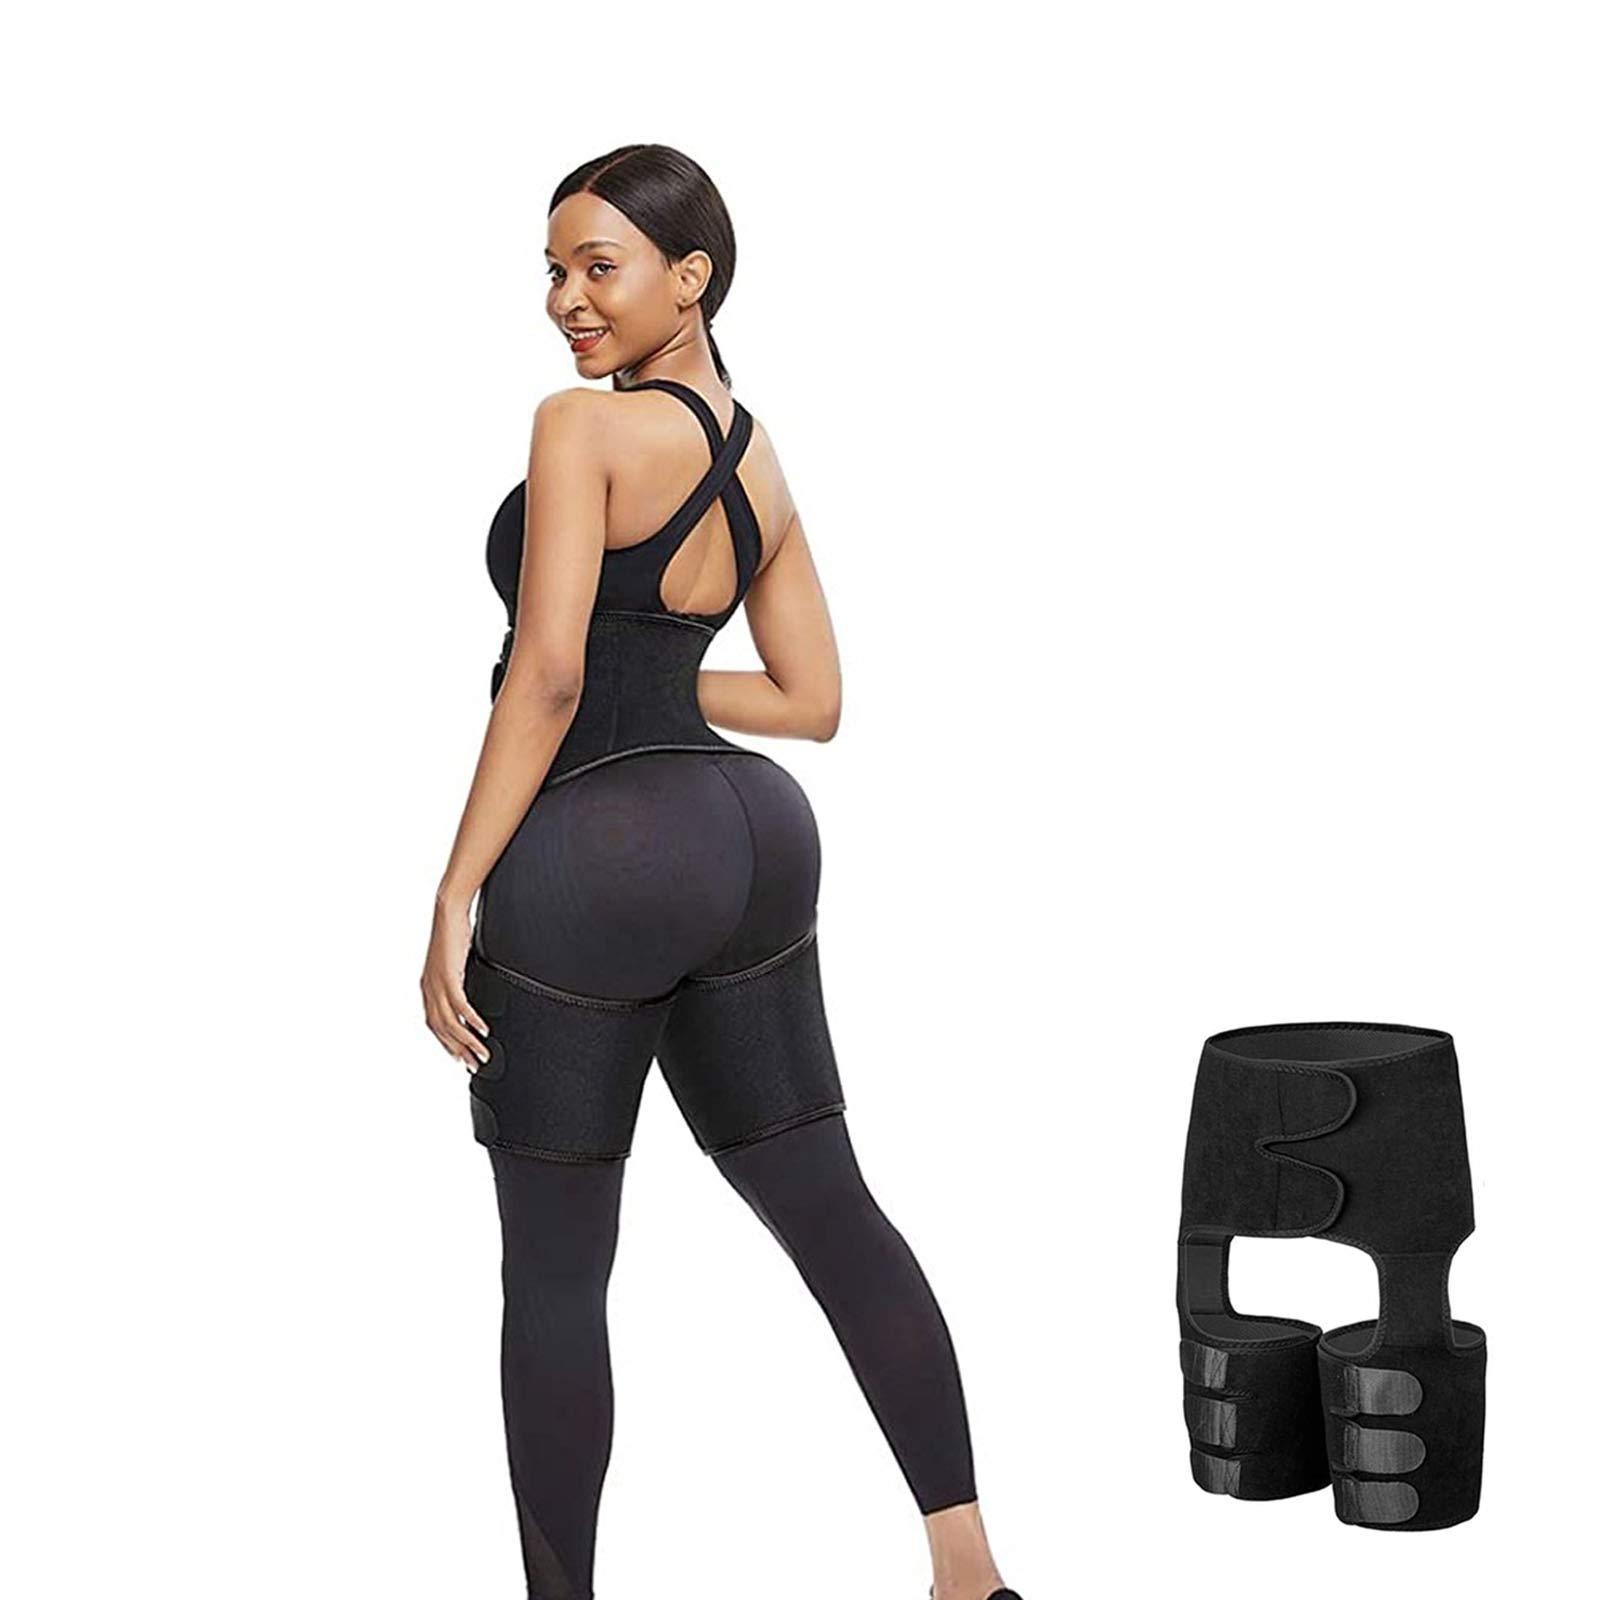 Waist Trainer for Women Thigh Trimmer Butt Lifter Workout Slimming Belt